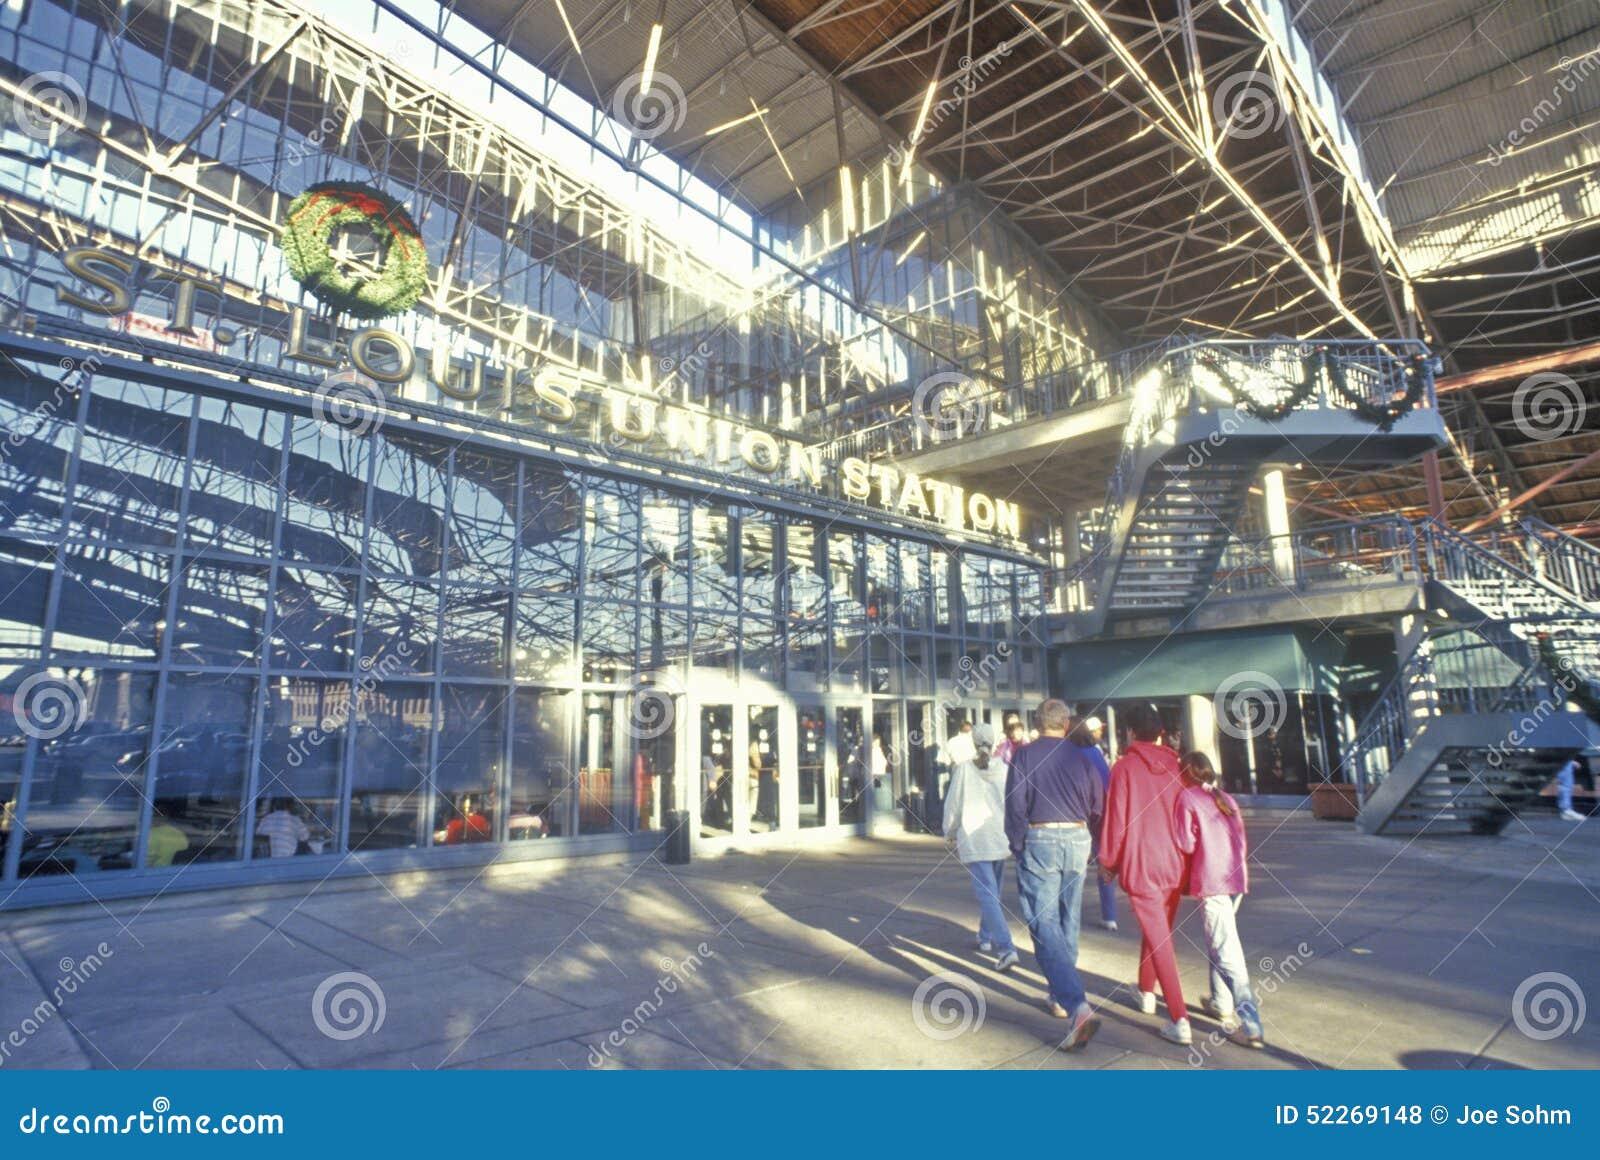 Wnętrze zjednoczenie staci centrum handlowe, St Louis, MO